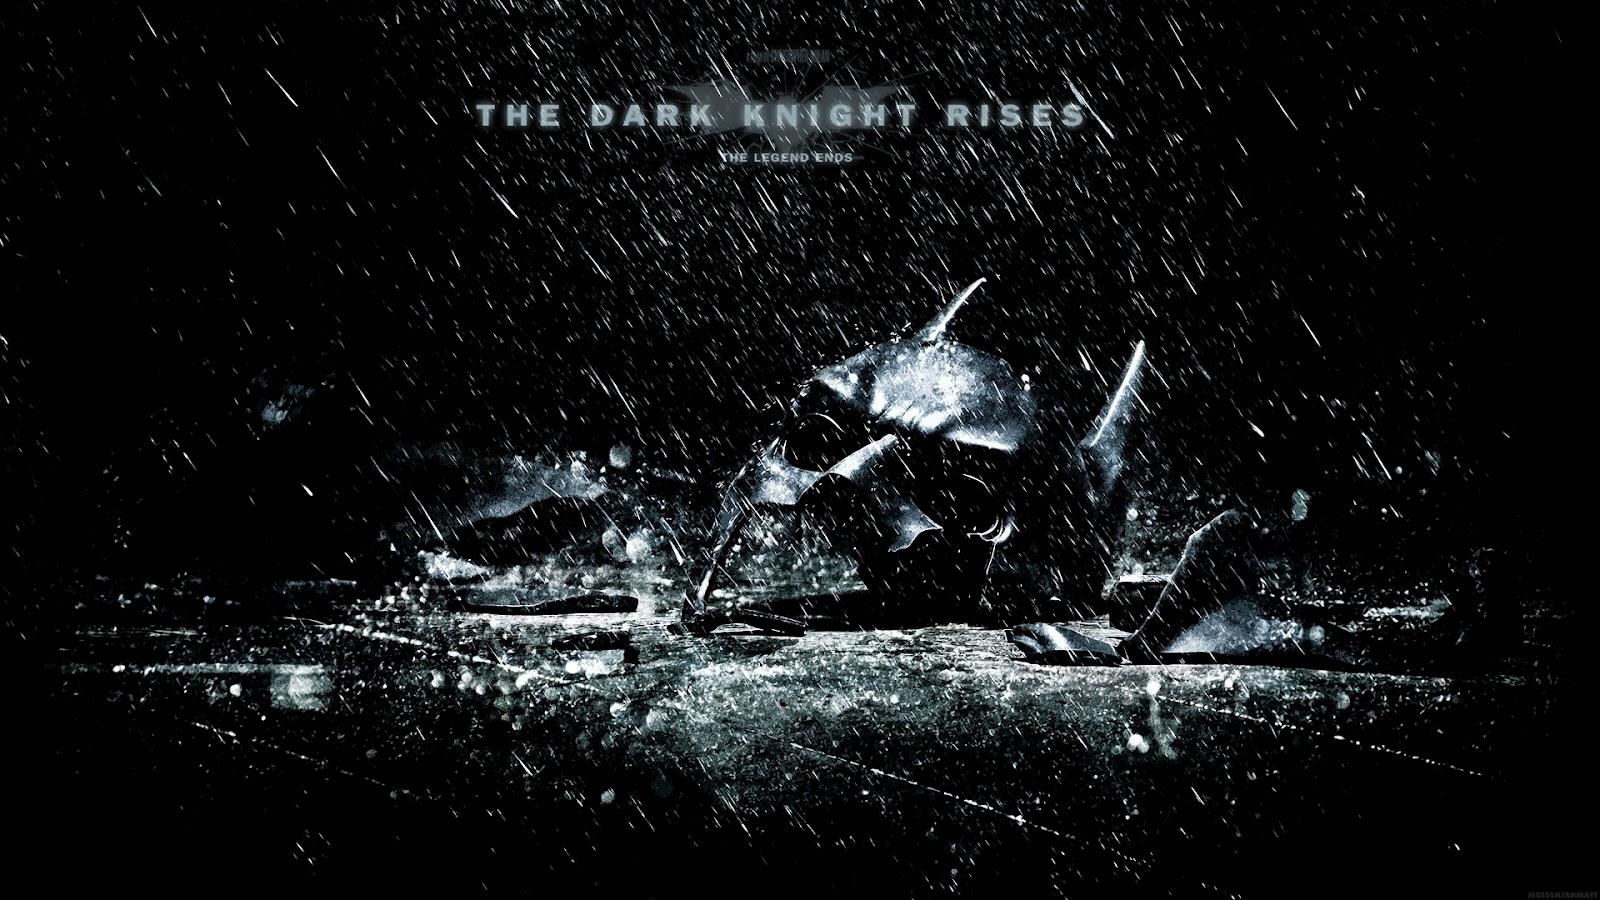 Dark Knight Rises Wallpaper 1600x900